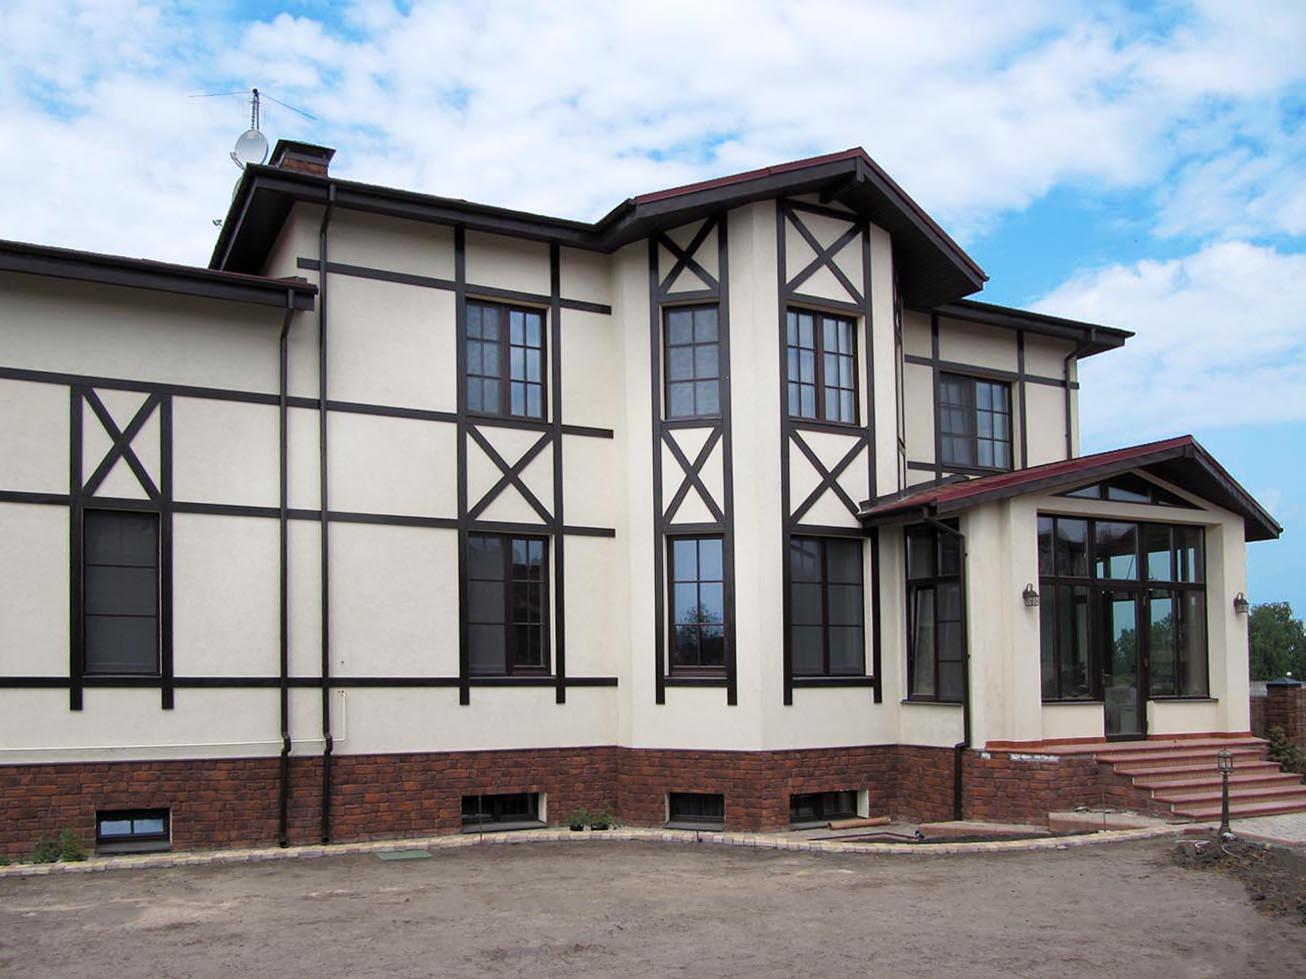 Коттедж с деревянными окнами и входной группой из массива дерева сбоку